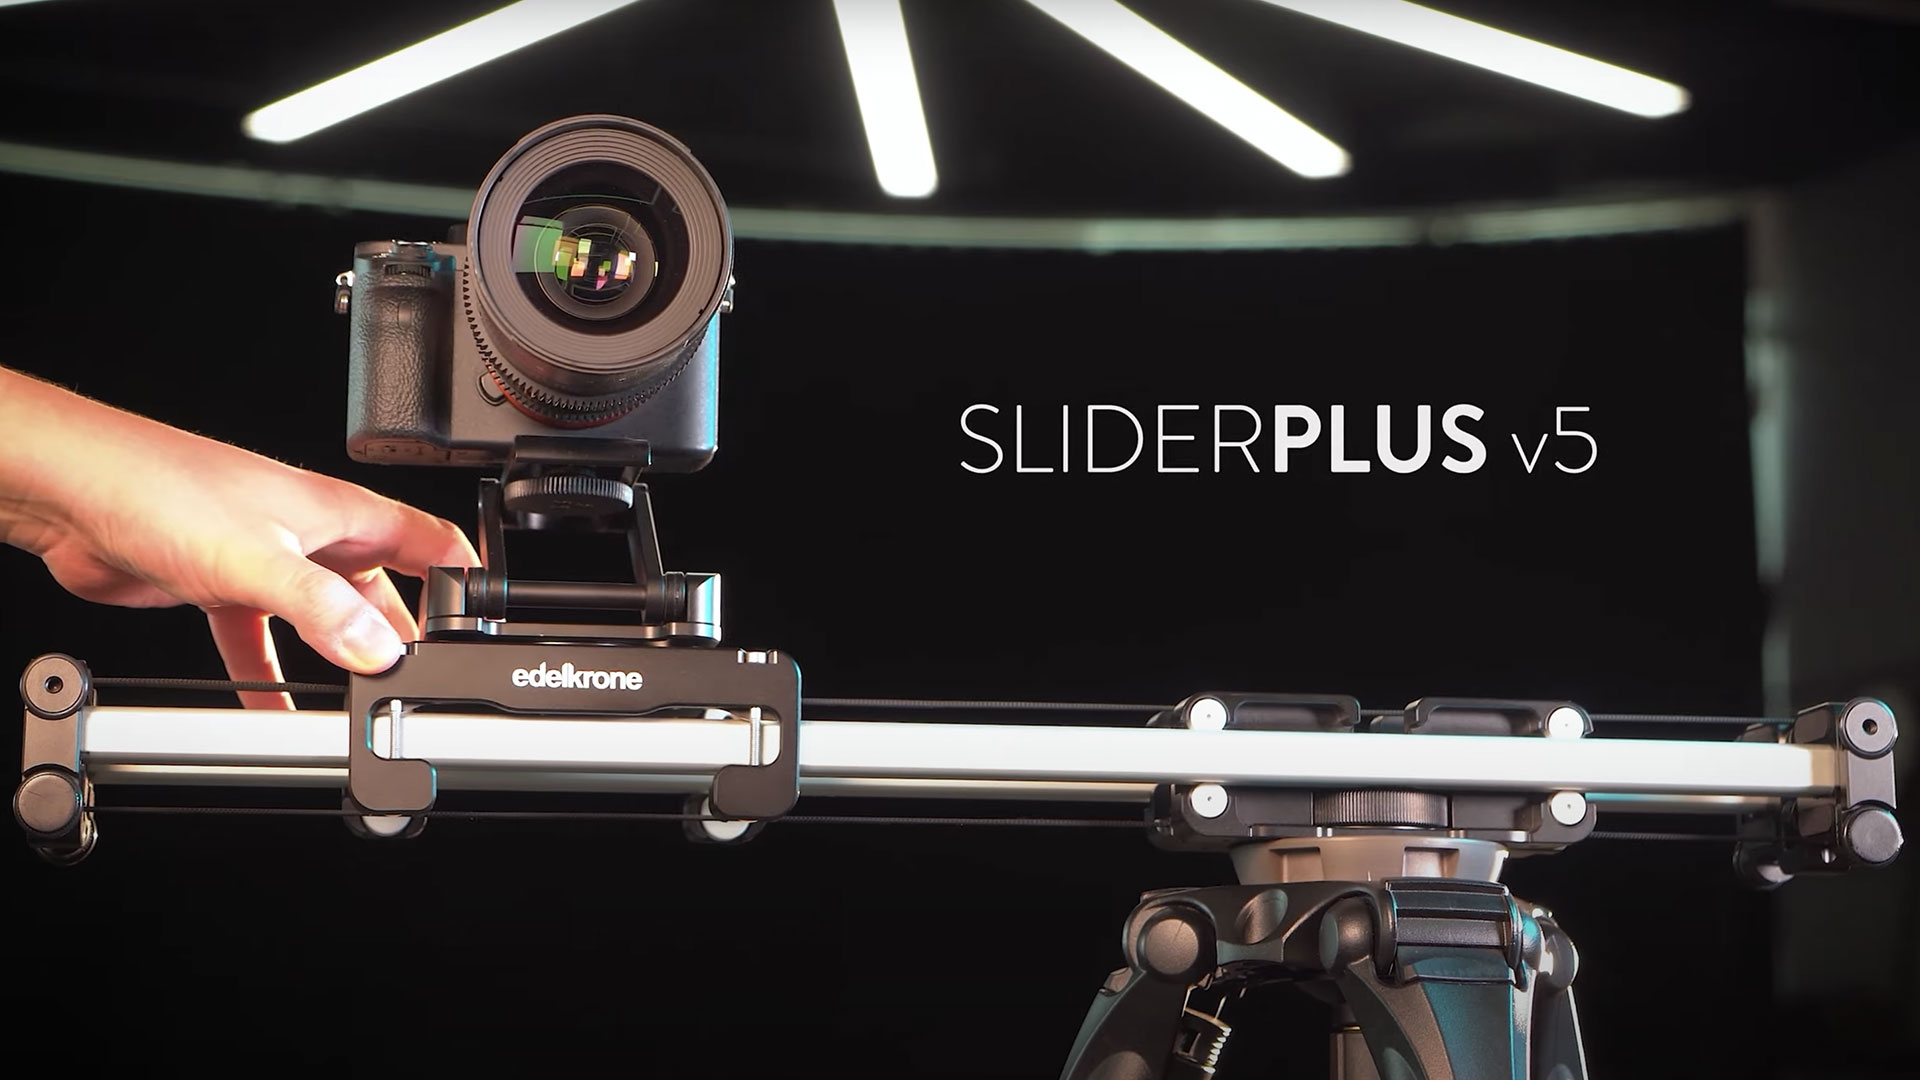 Edelkrone presentó el SliderPLUS V5 y el Slide Module V3